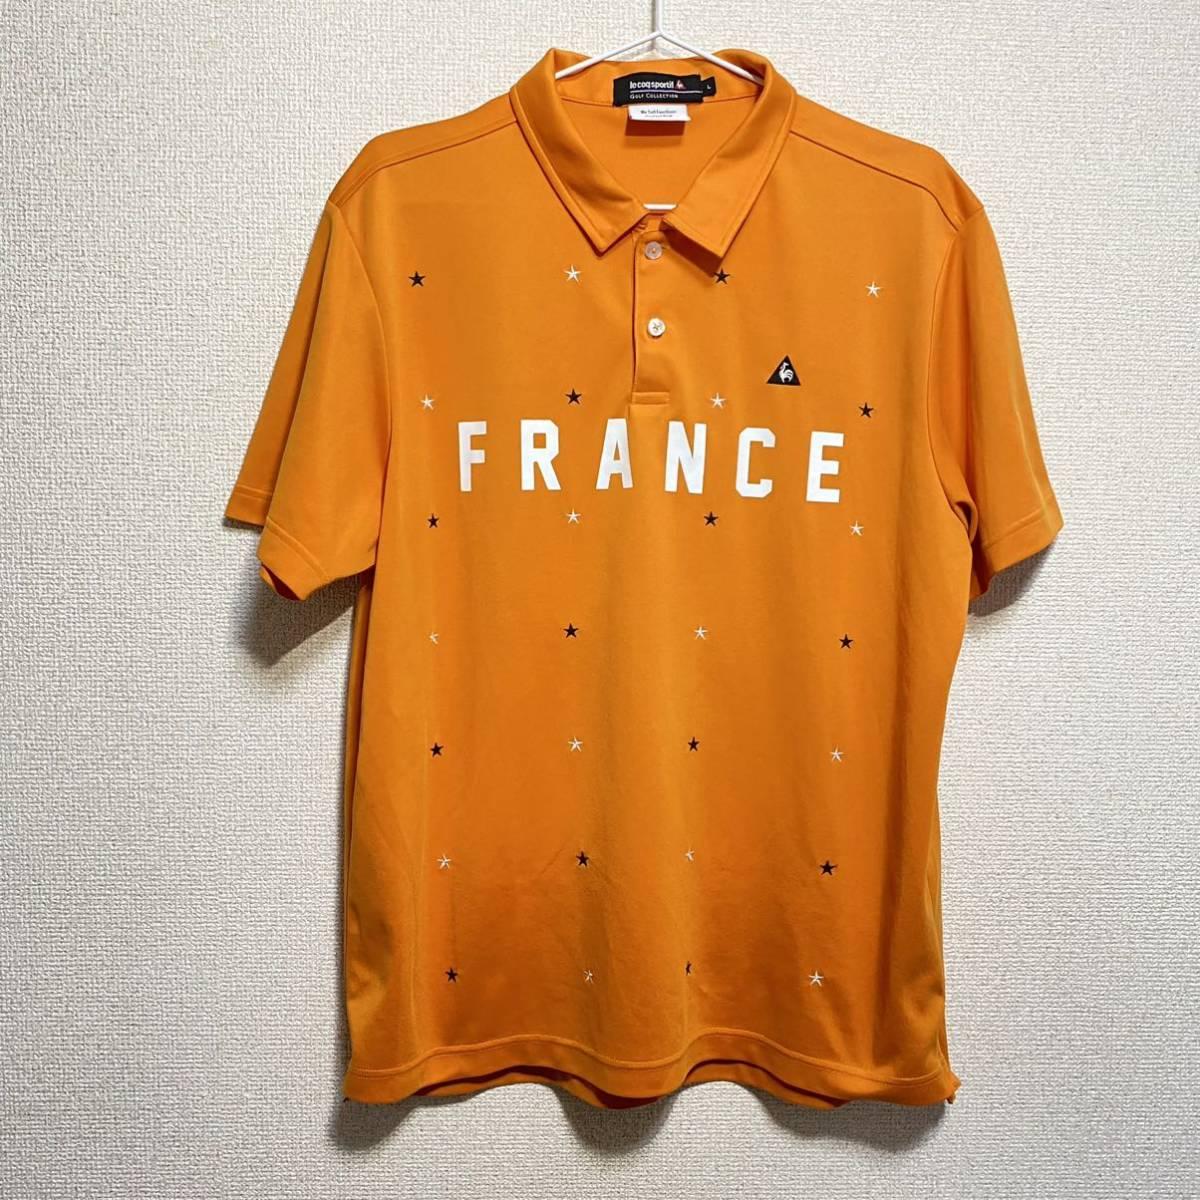 le coq sportif Golf ルコック ゴルフ 半袖ポロシャツ オレンジ メンズ L 迅速発送 送料無料!_画像1